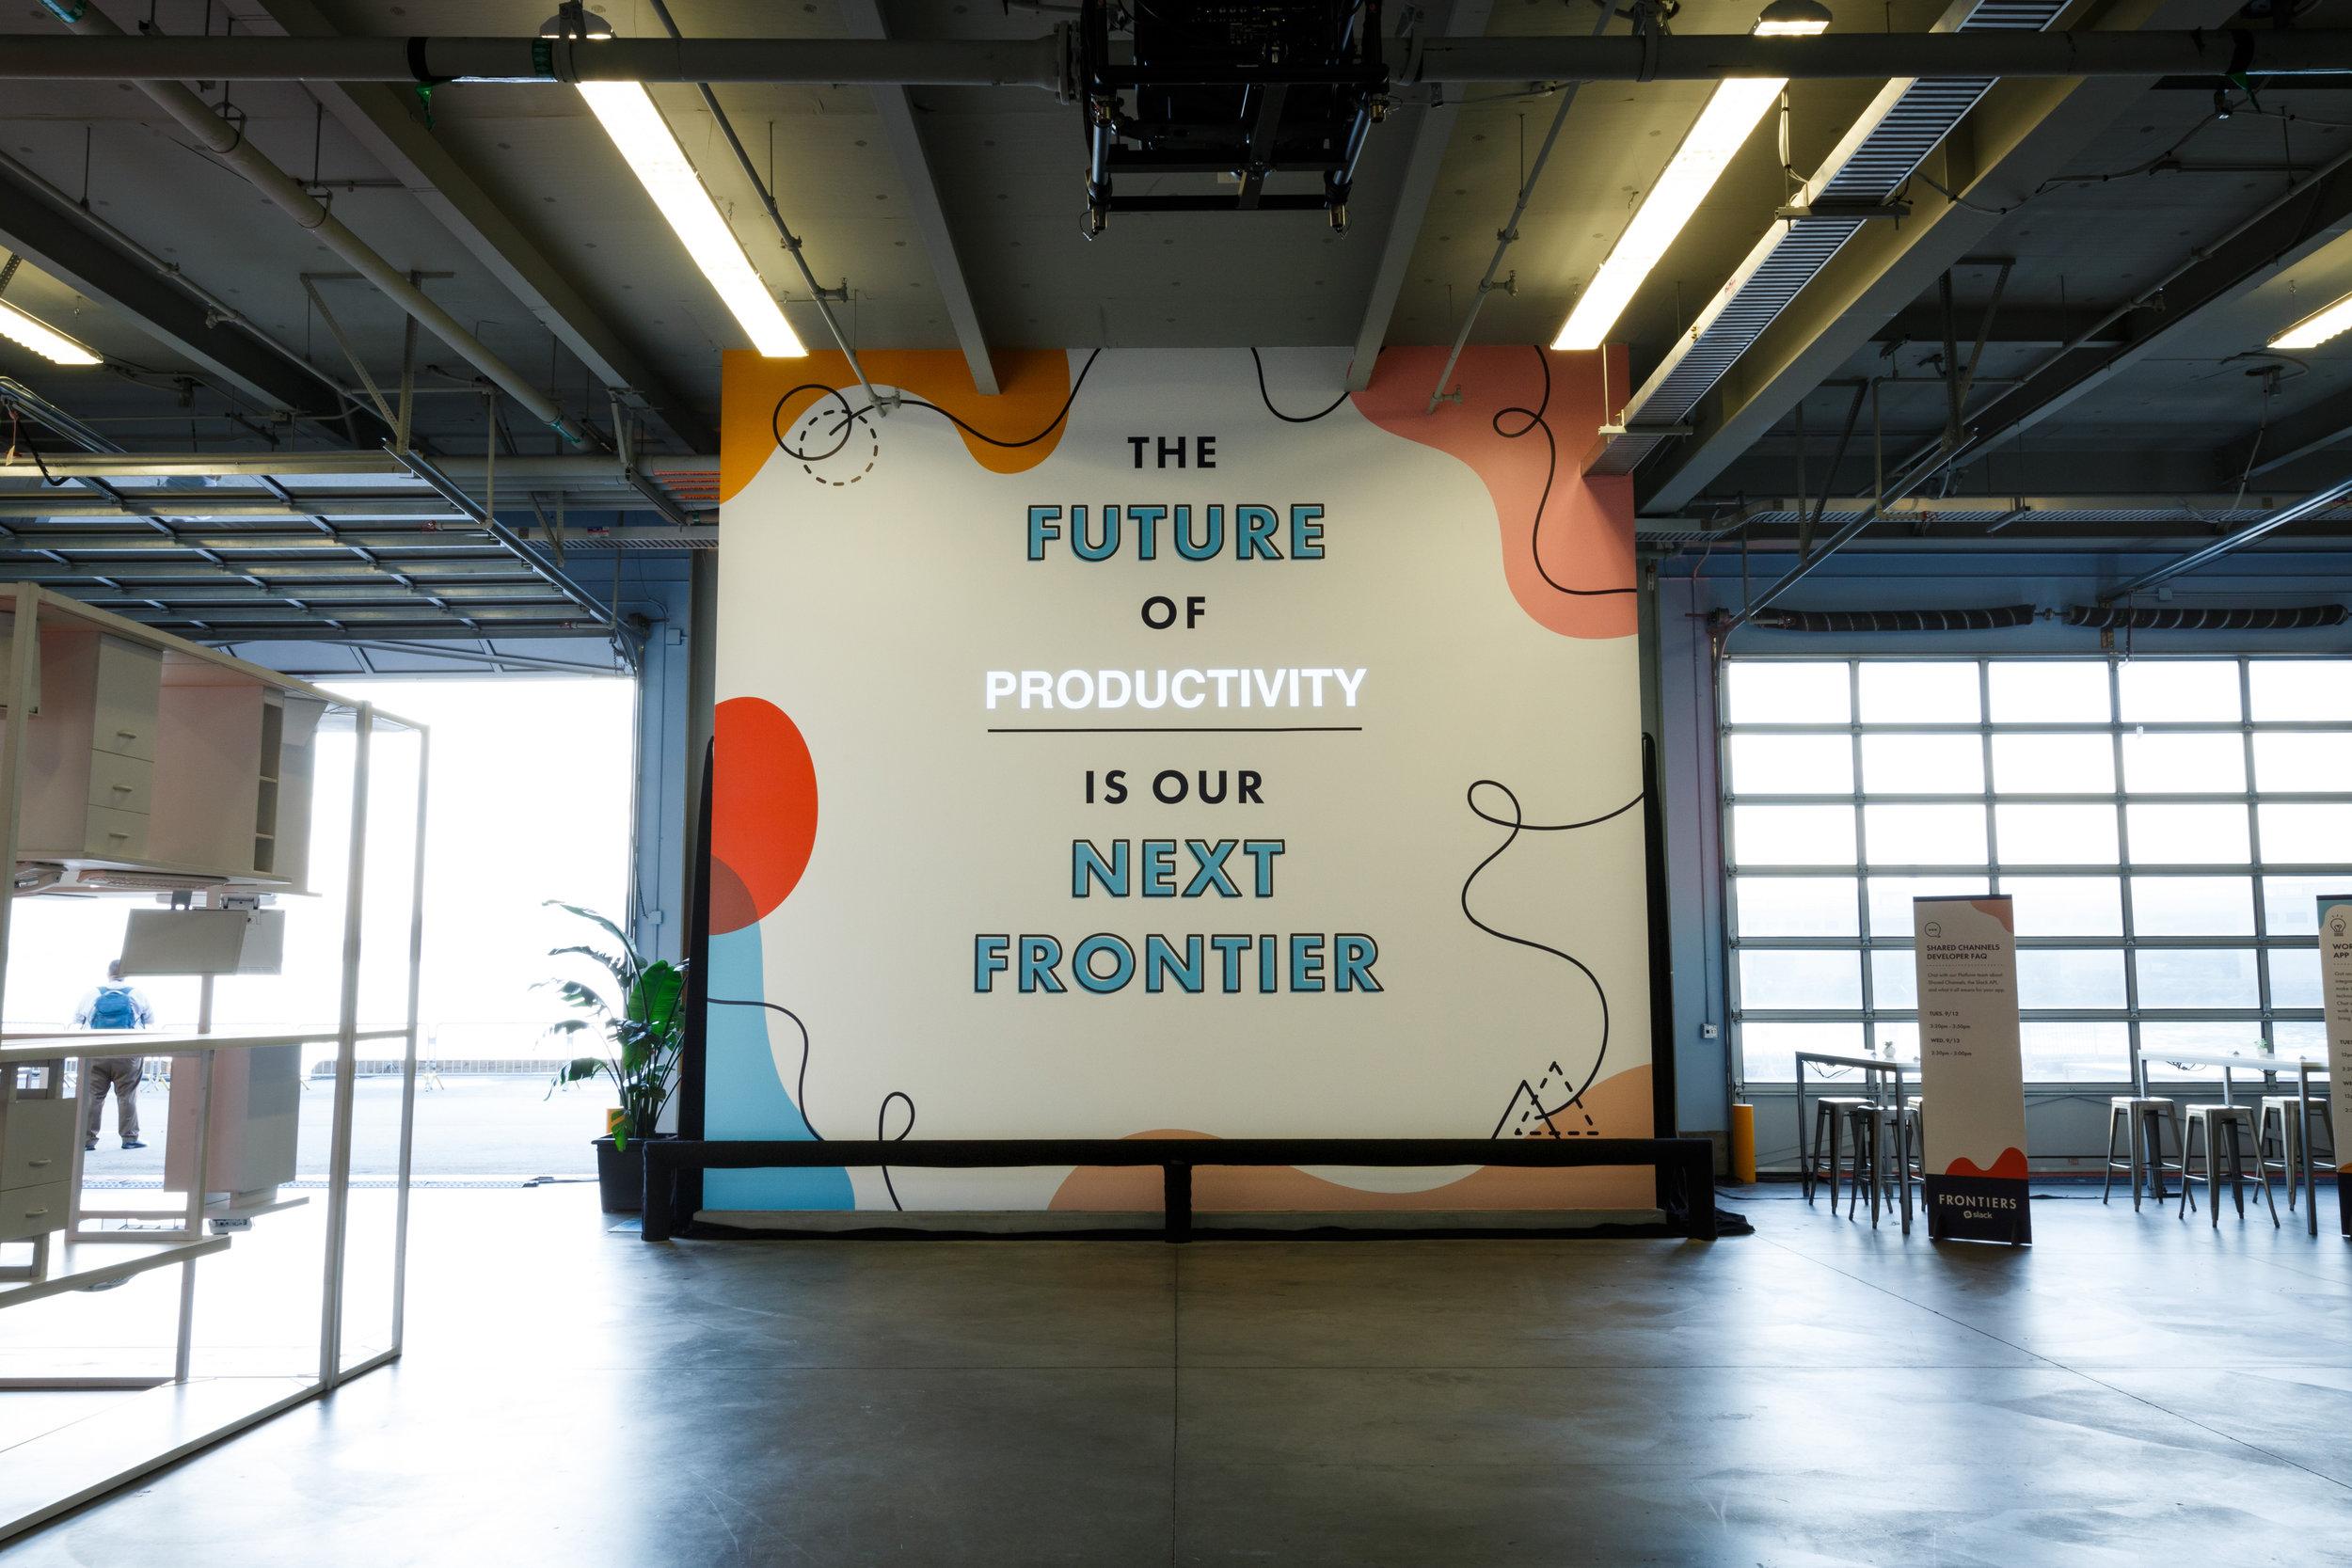 Frontiers2 - 1.jpg